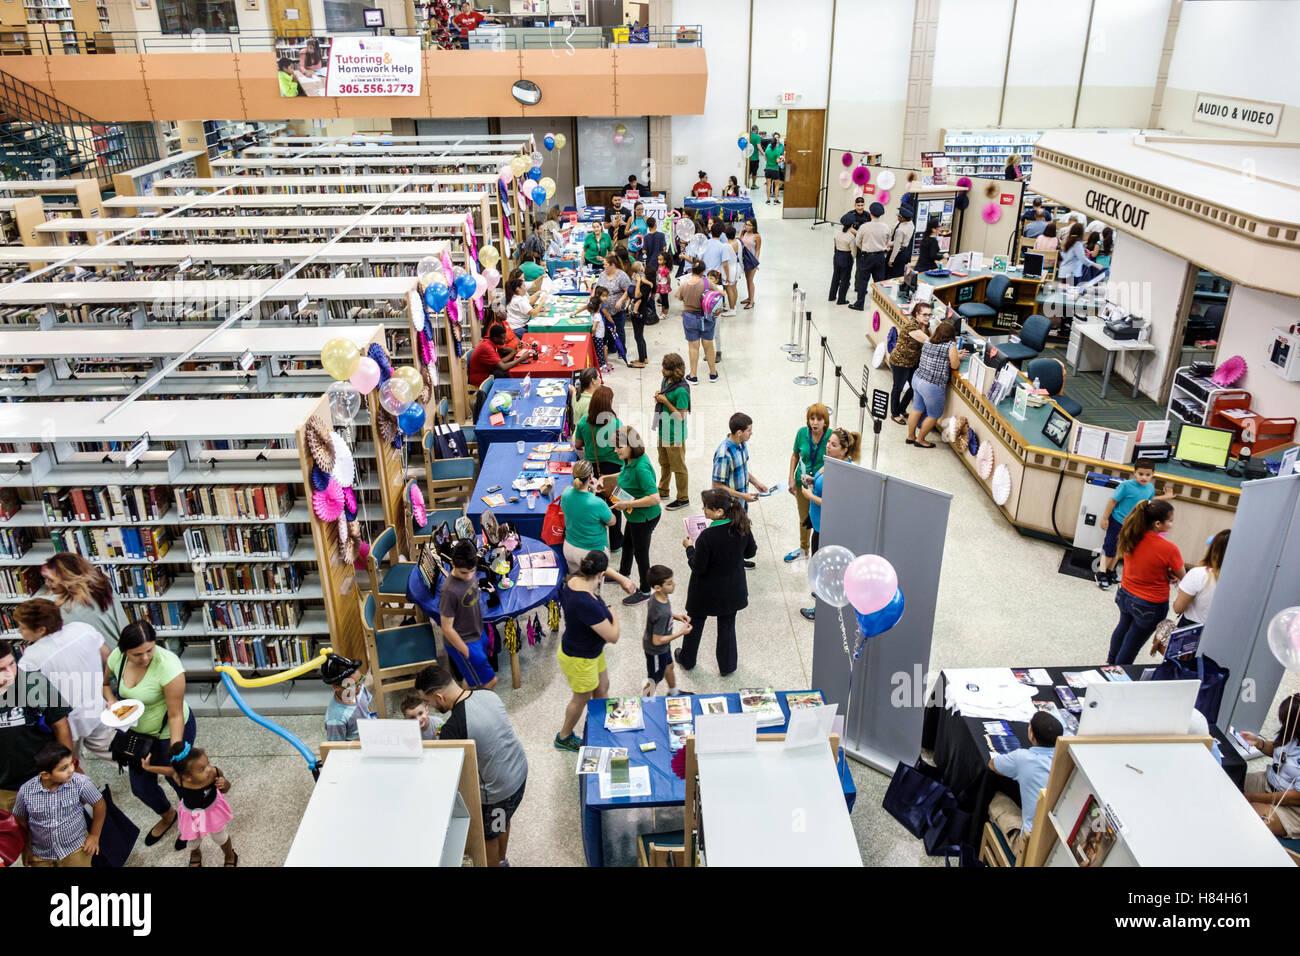 Florida, FL, Sur, Miami, Hialeah, JFK Library, Feria de la Salud y la Alfabetización, interior, expositores, mesas, visitas turísticas a los visitantes de viaje Foto de stock